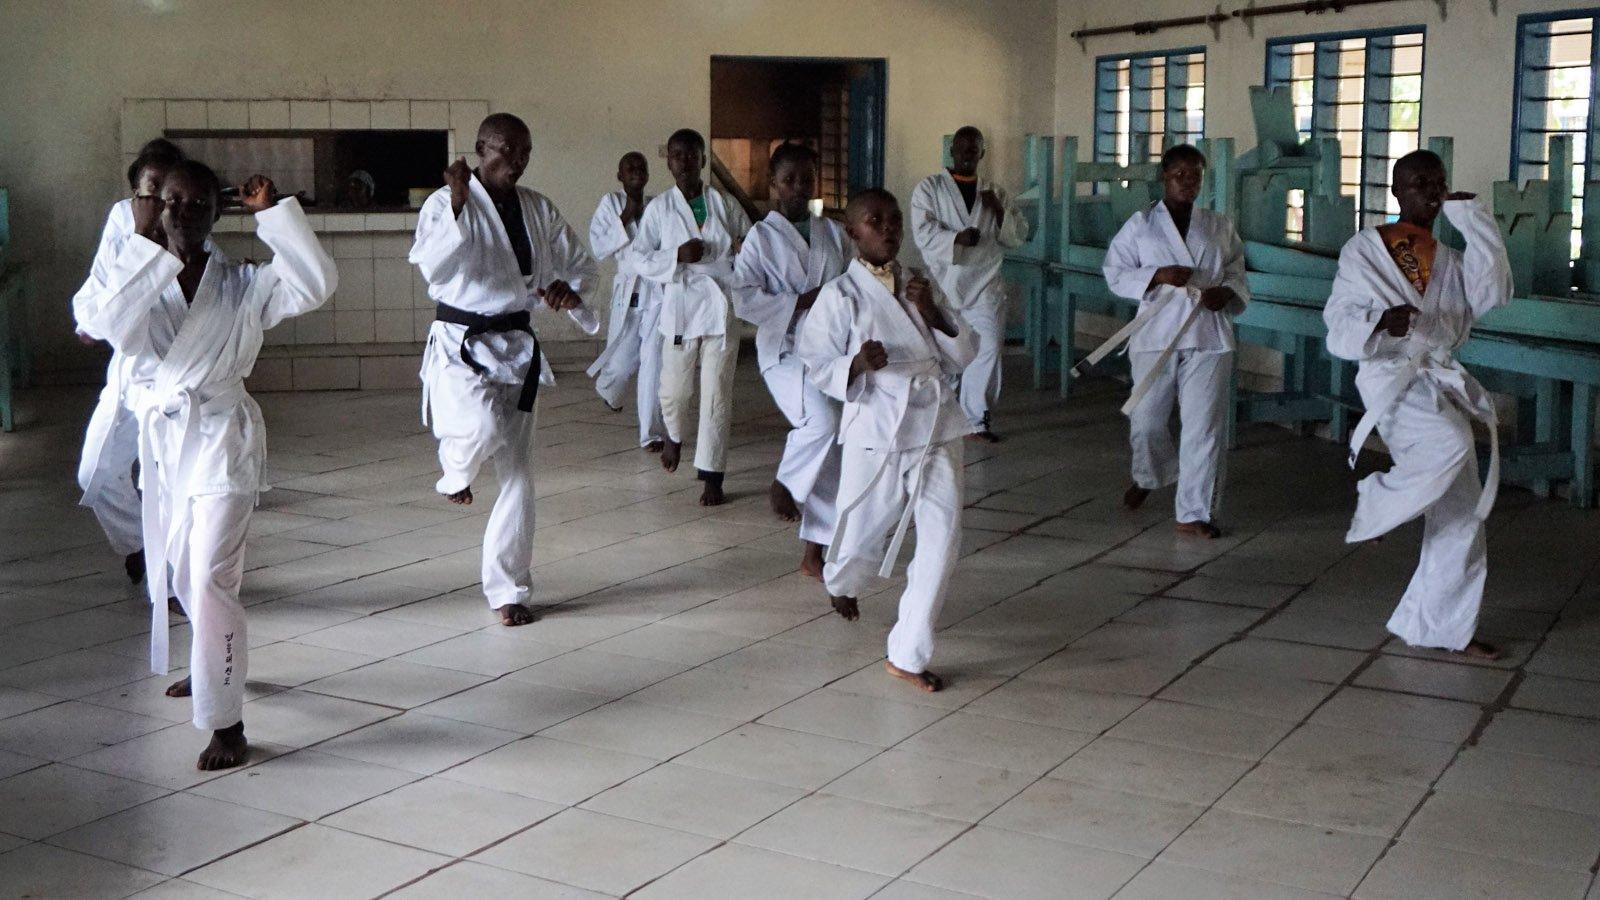 Bild zu Taekwondo-Freunde in Kenia